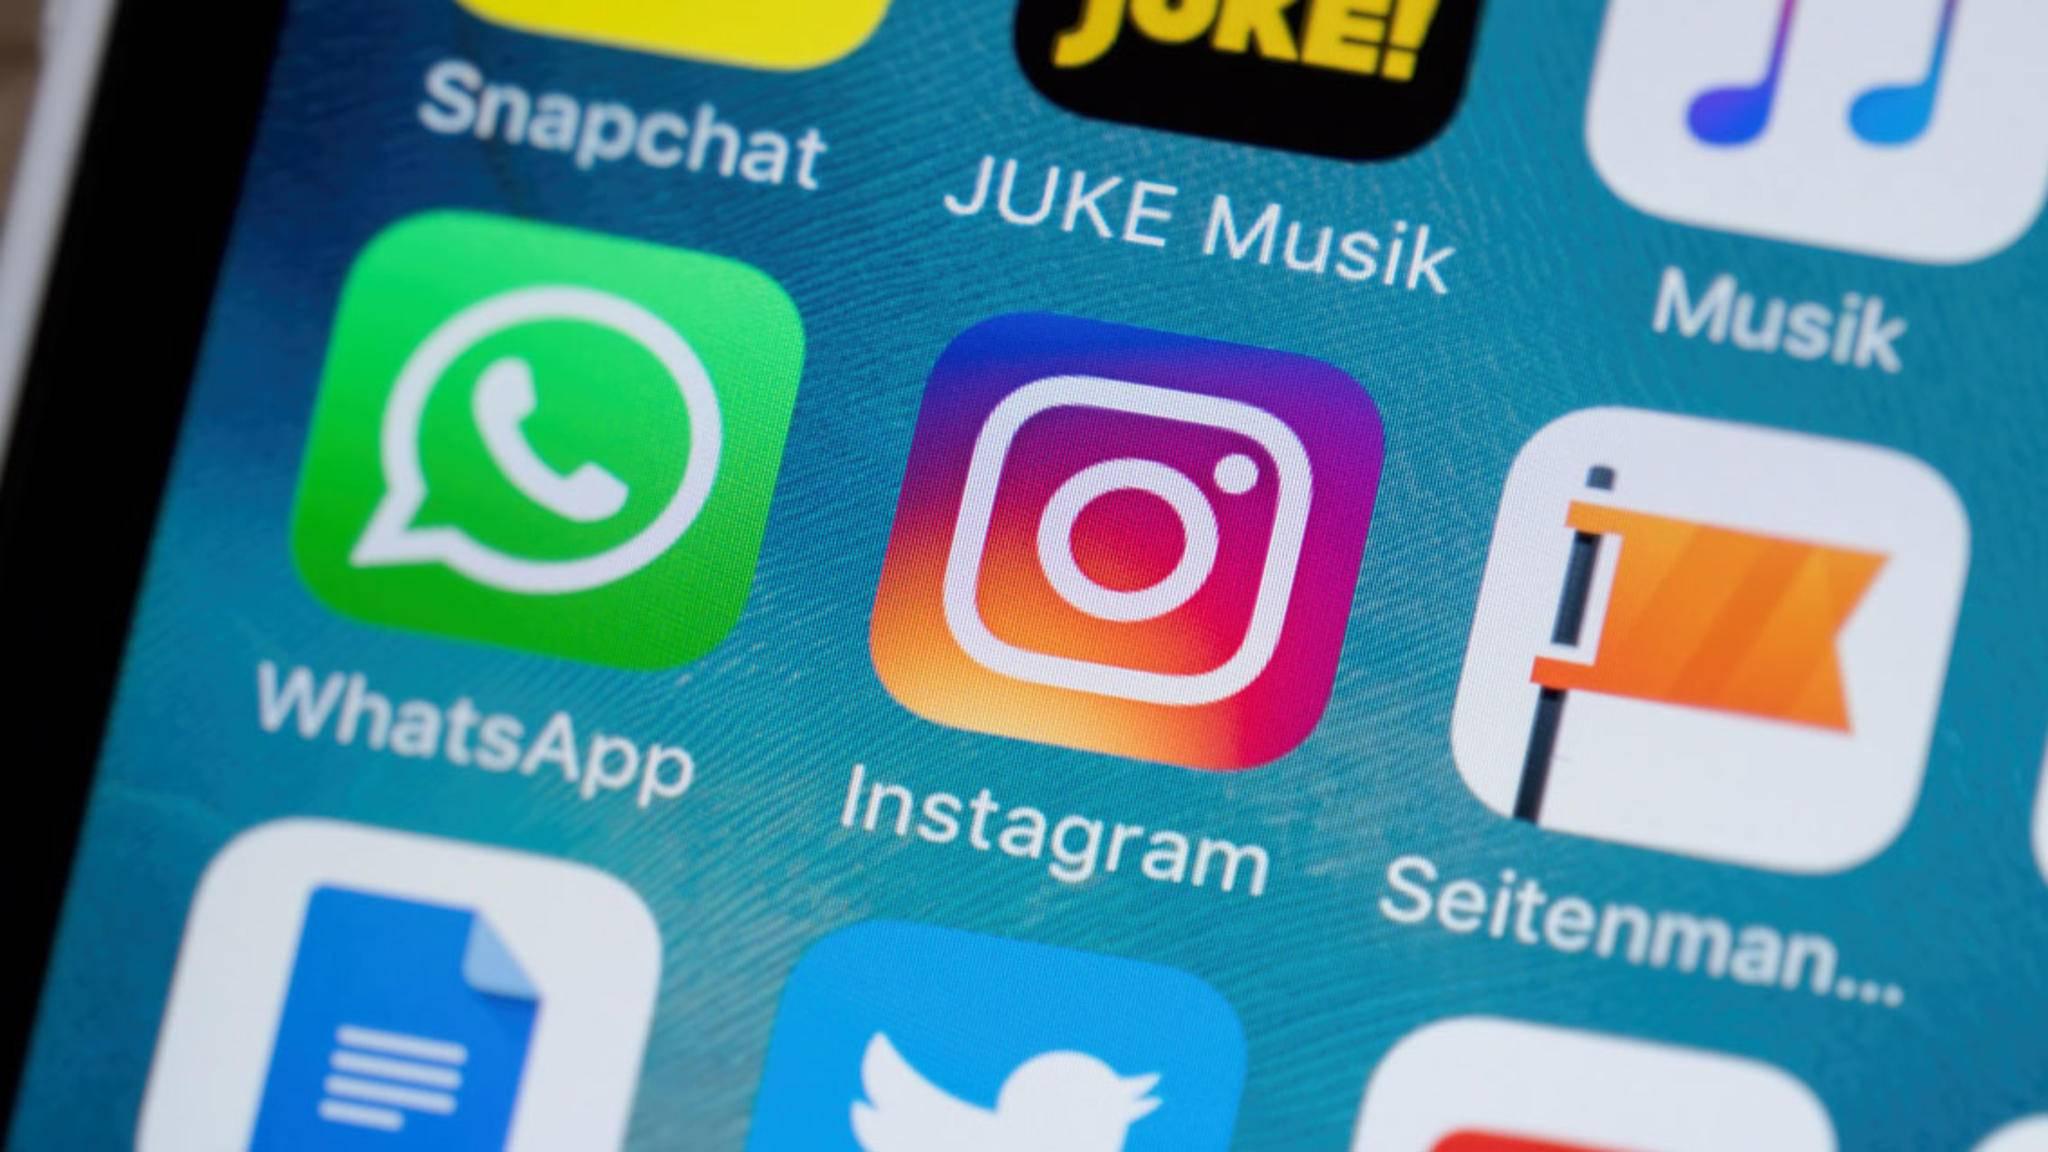 Autoplay-Videos werden in der Instagram-App noch nerviger.